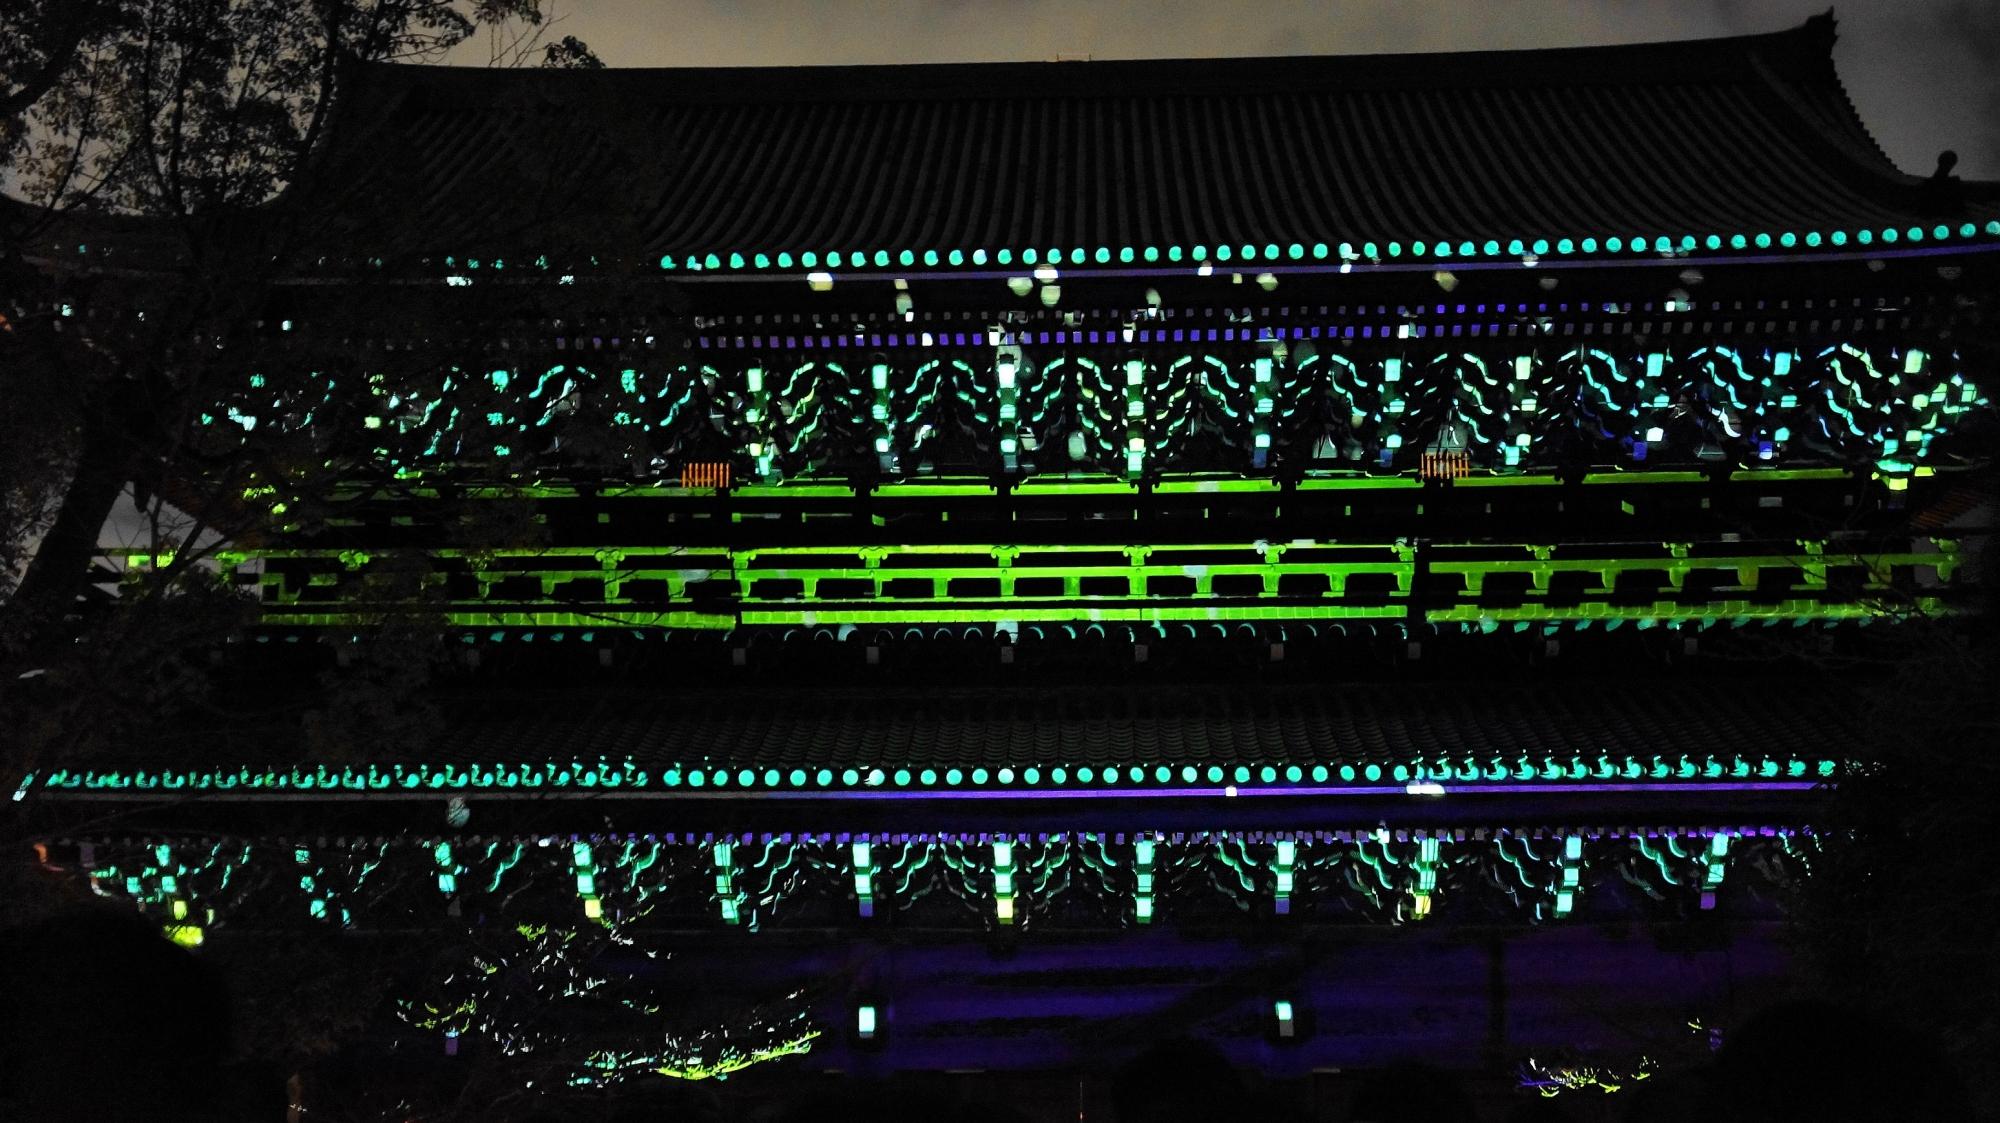 東山花灯路での知恩院三門のプロジェクションマッピング「幻想の灯り」